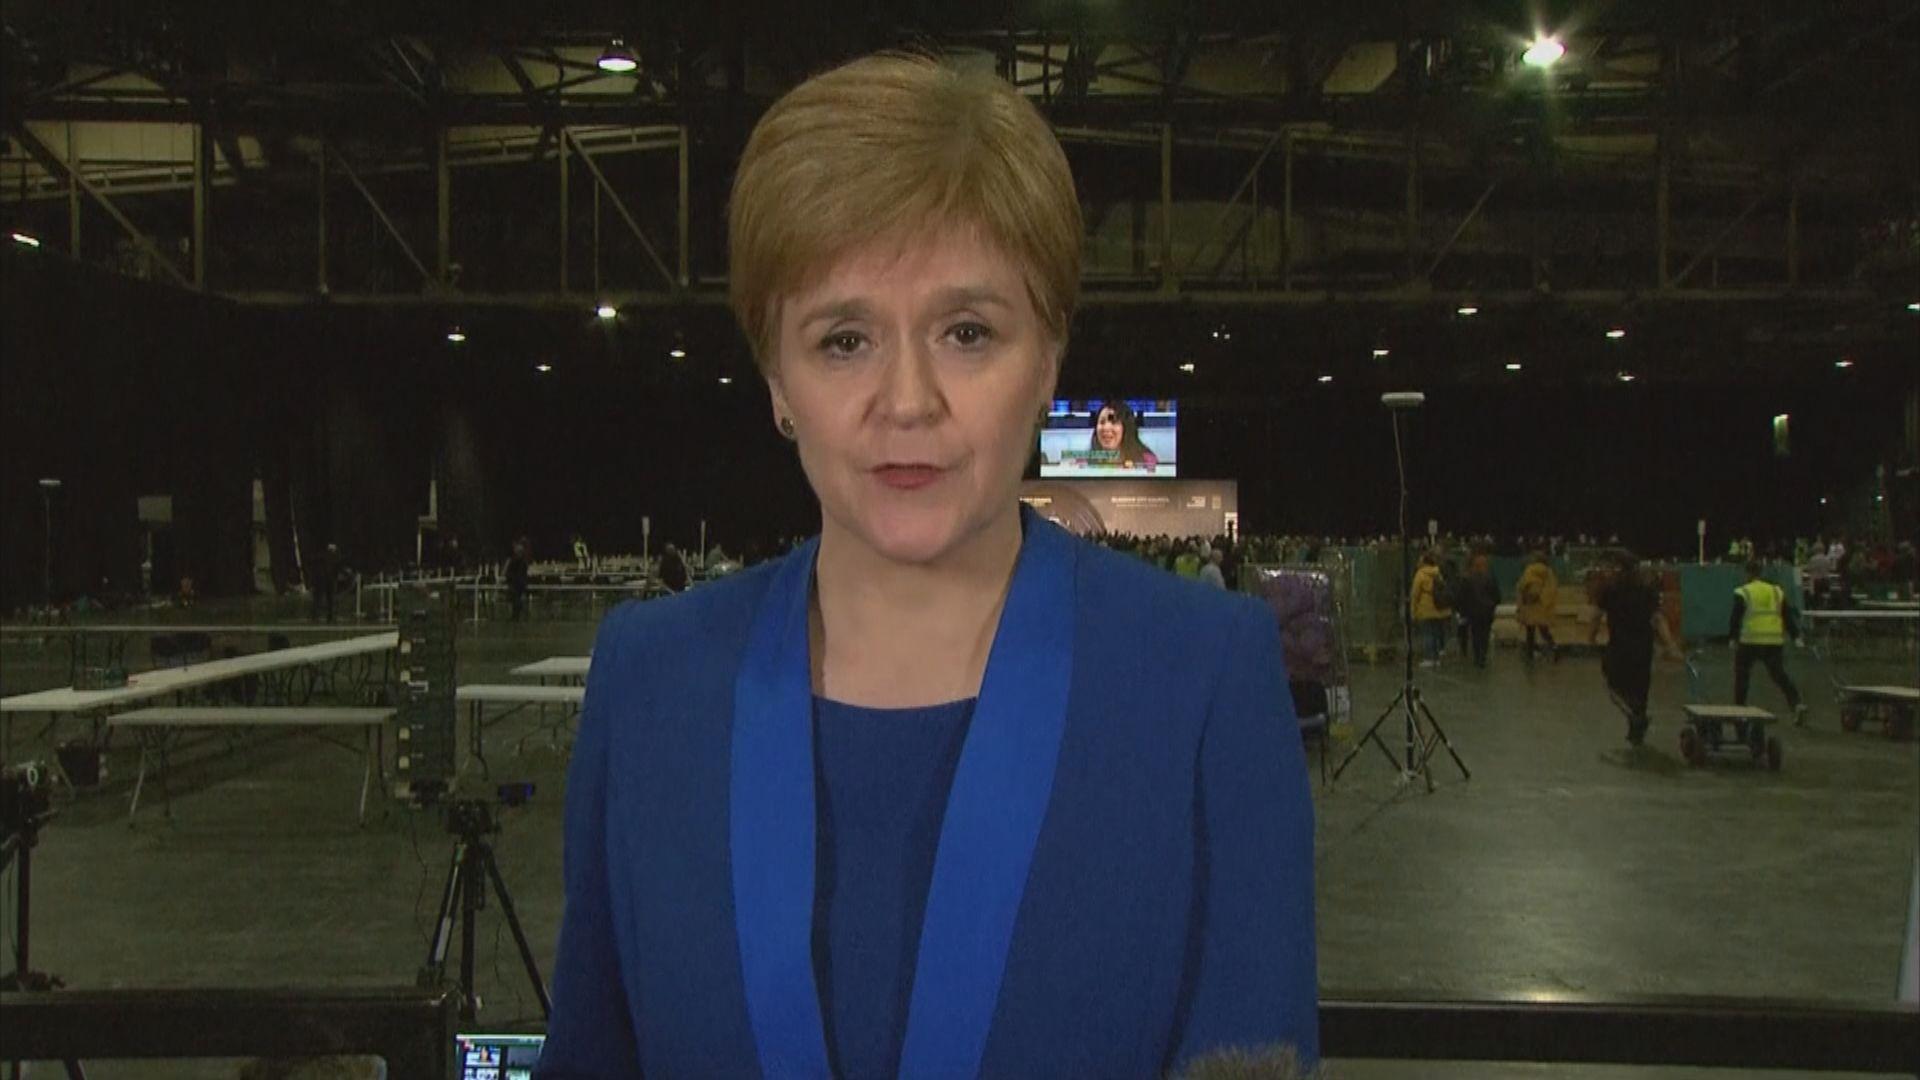 蘇格蘭民族黨疑再倡獨立公投 聯合王國分裂危機或加劇